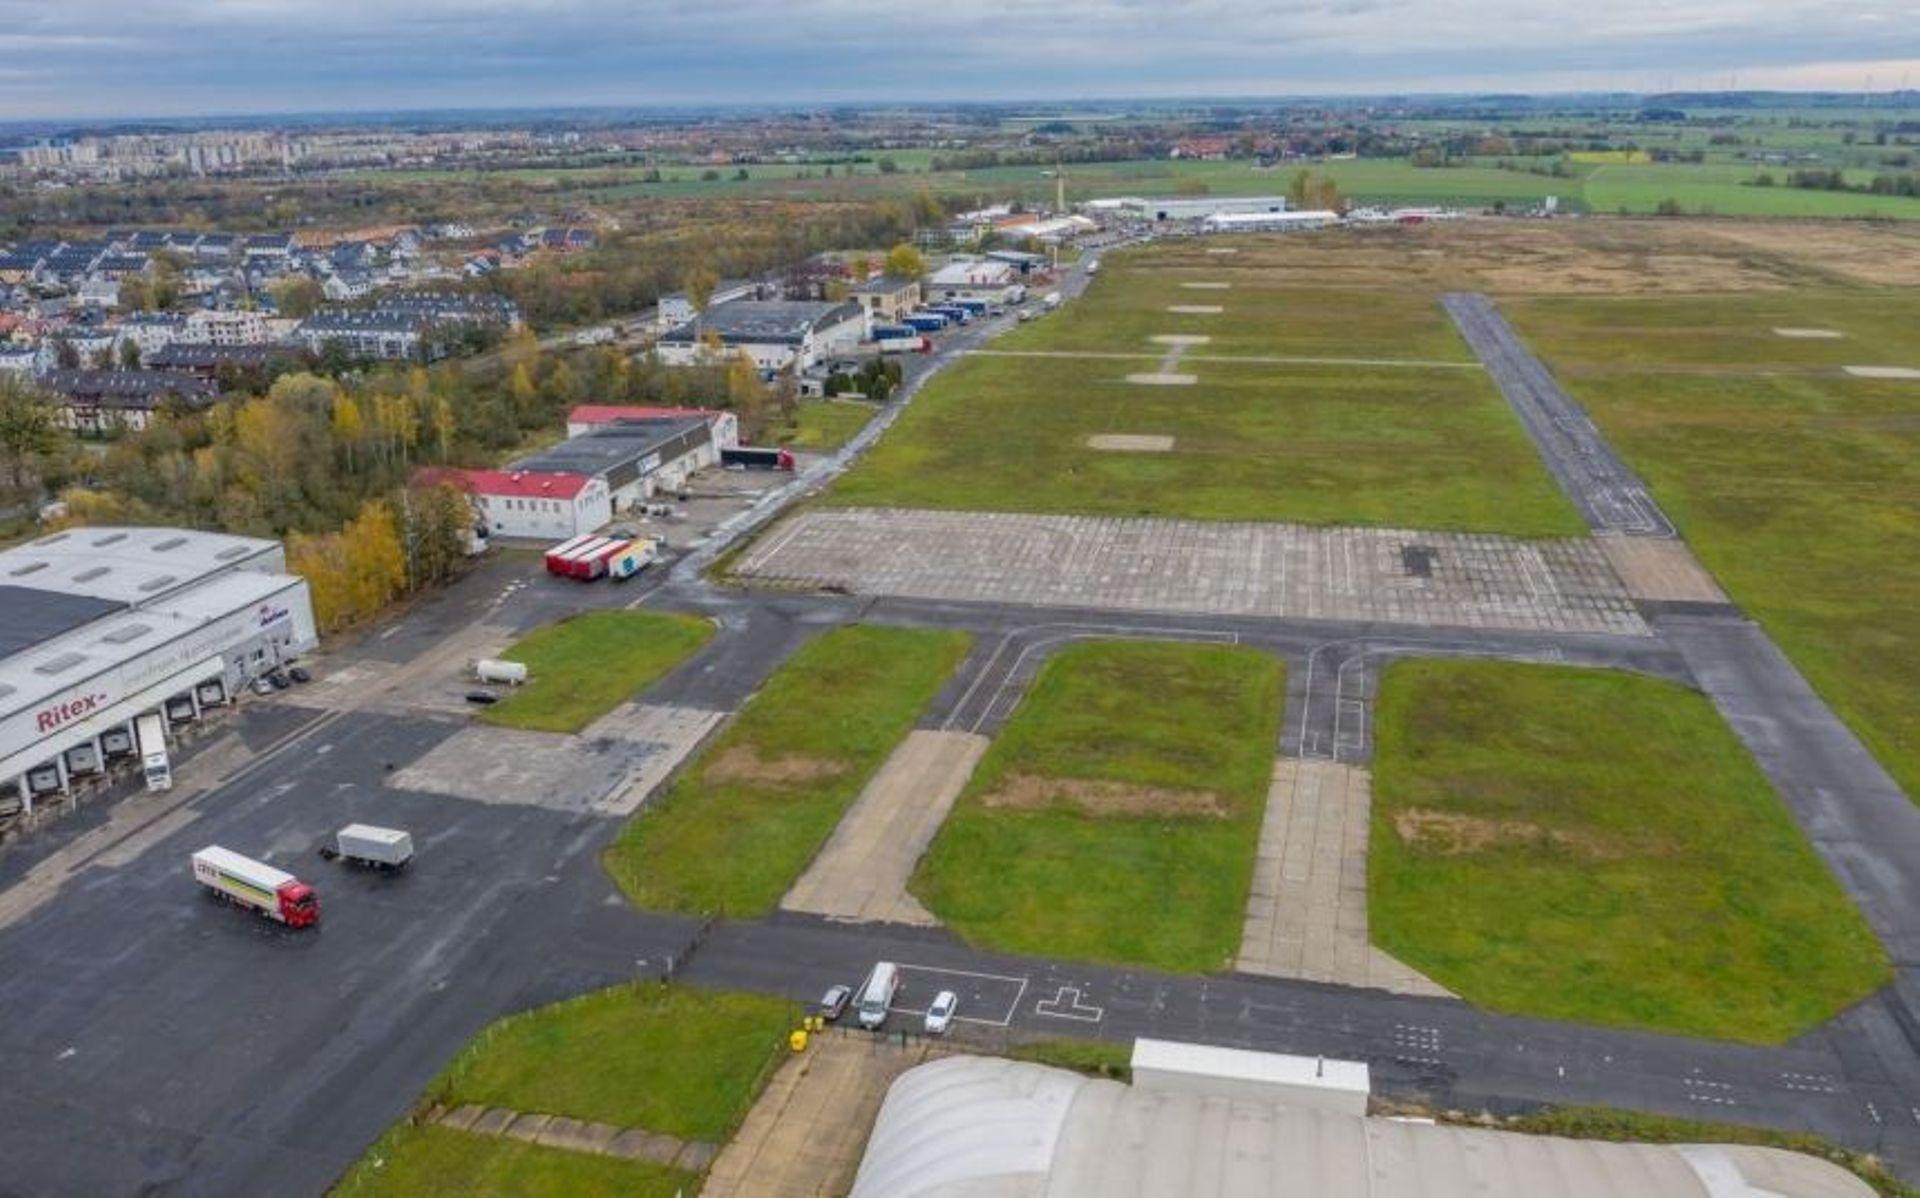 Legnica: Duże zainteresowanie przetargiem na budowę nowego układu komunikacyjnego dla obszaru aktywności gospodarczej